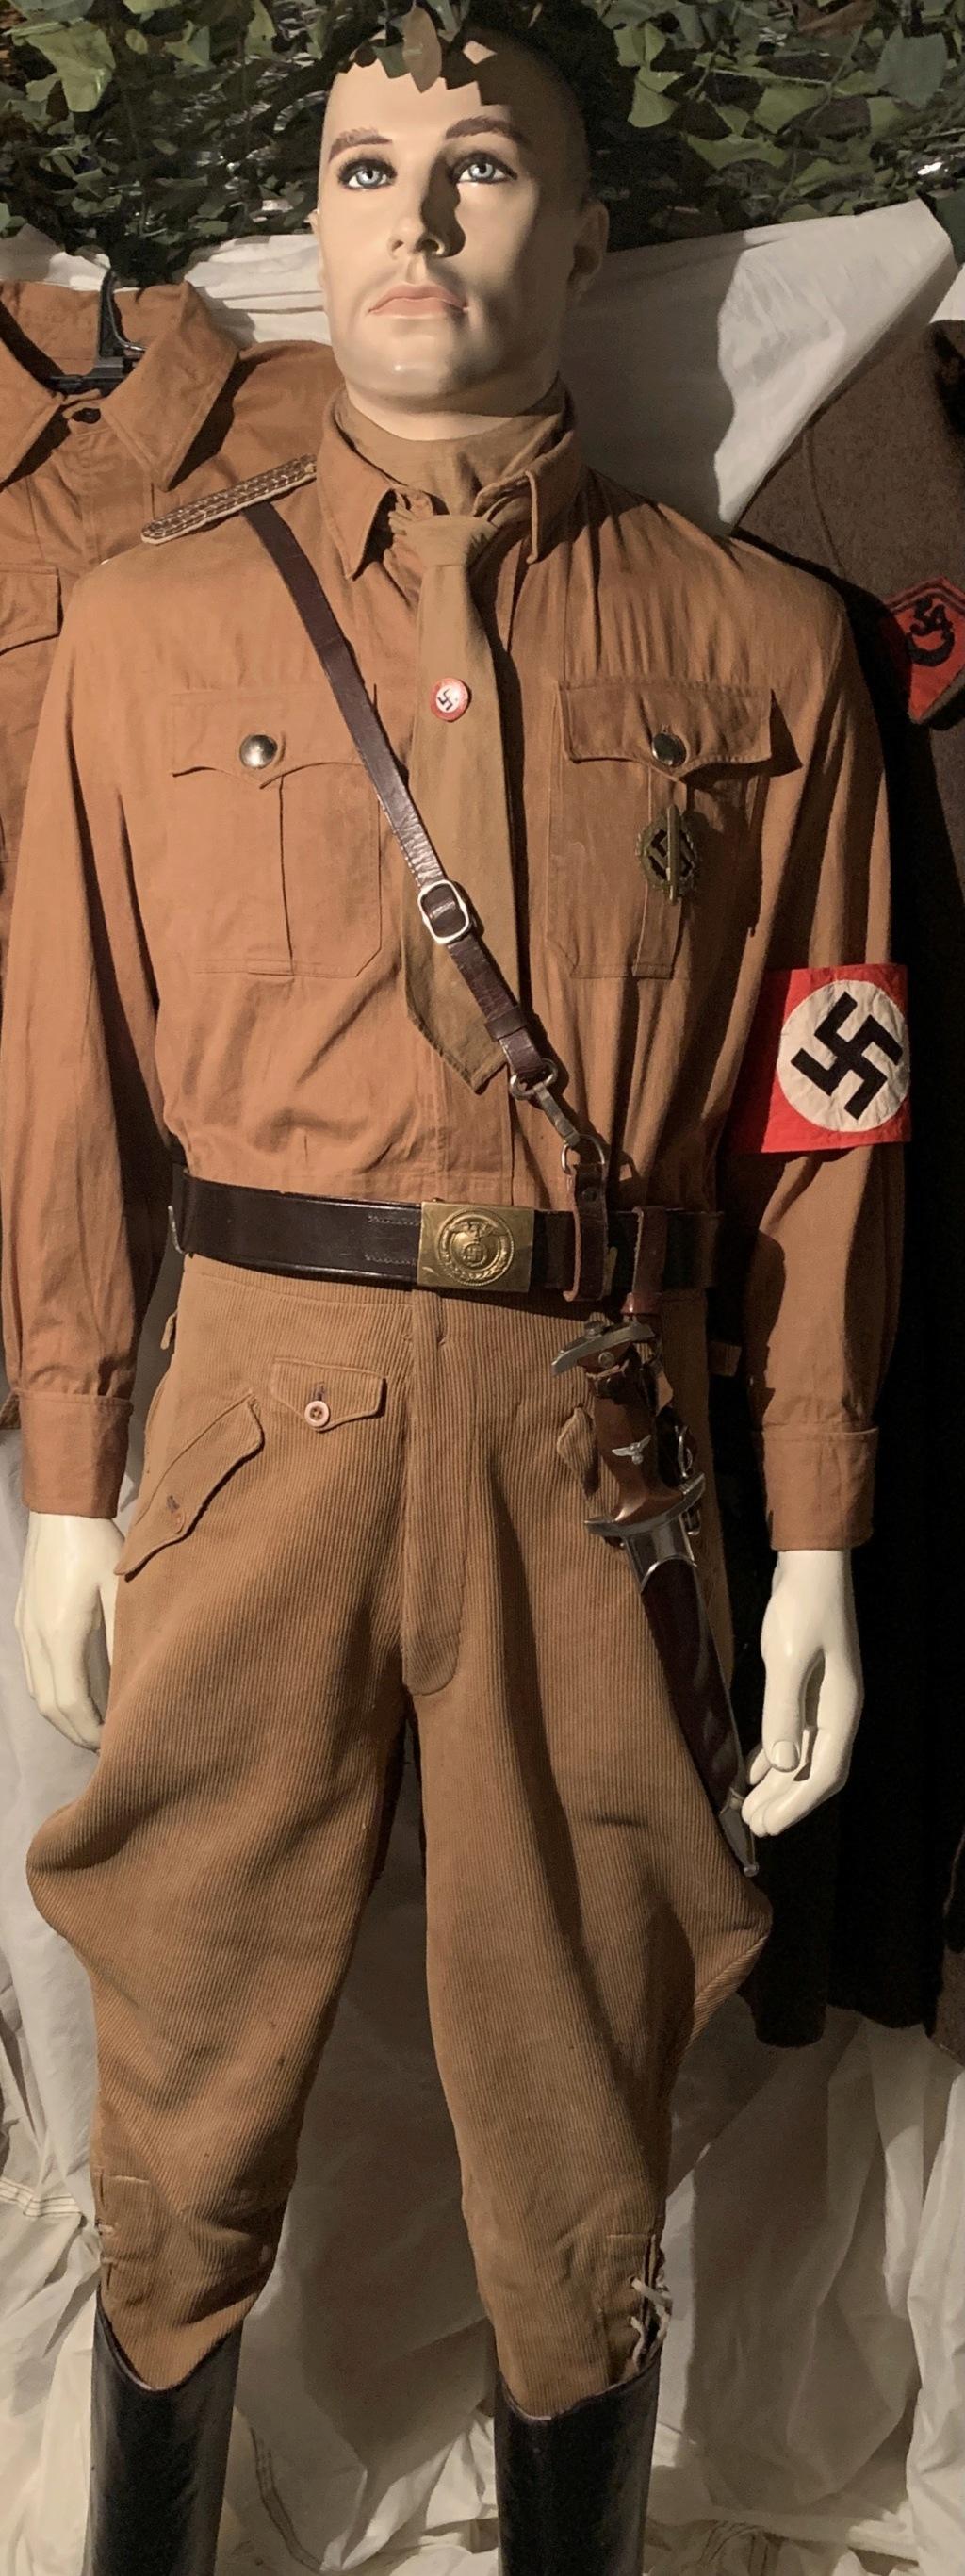 Mes dernières rentrées : brassard NSDAP, couteau à gravité,...  Img_4816